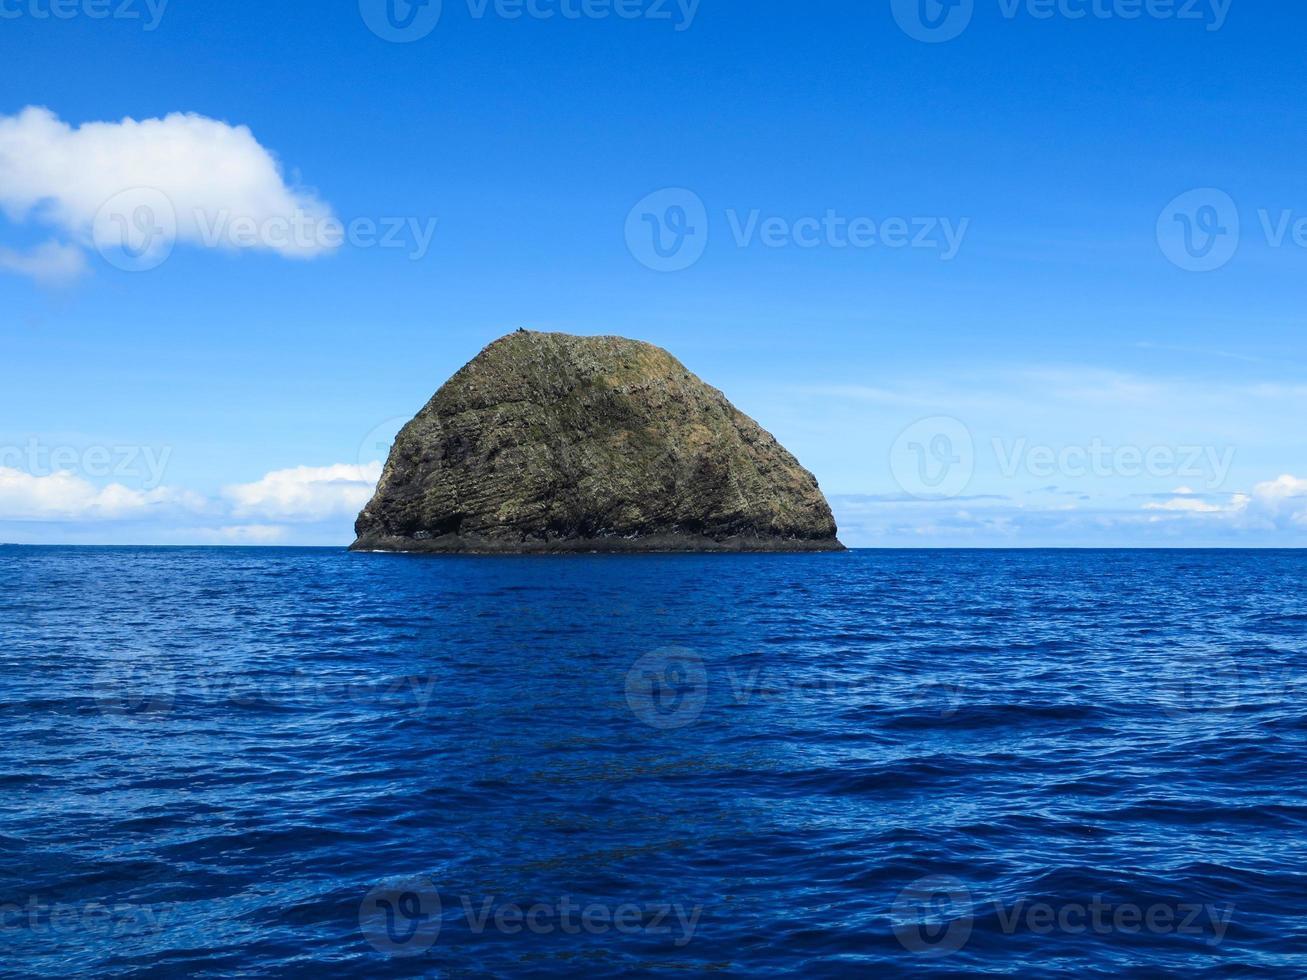 ilha de oceano minúsculo isolado foto